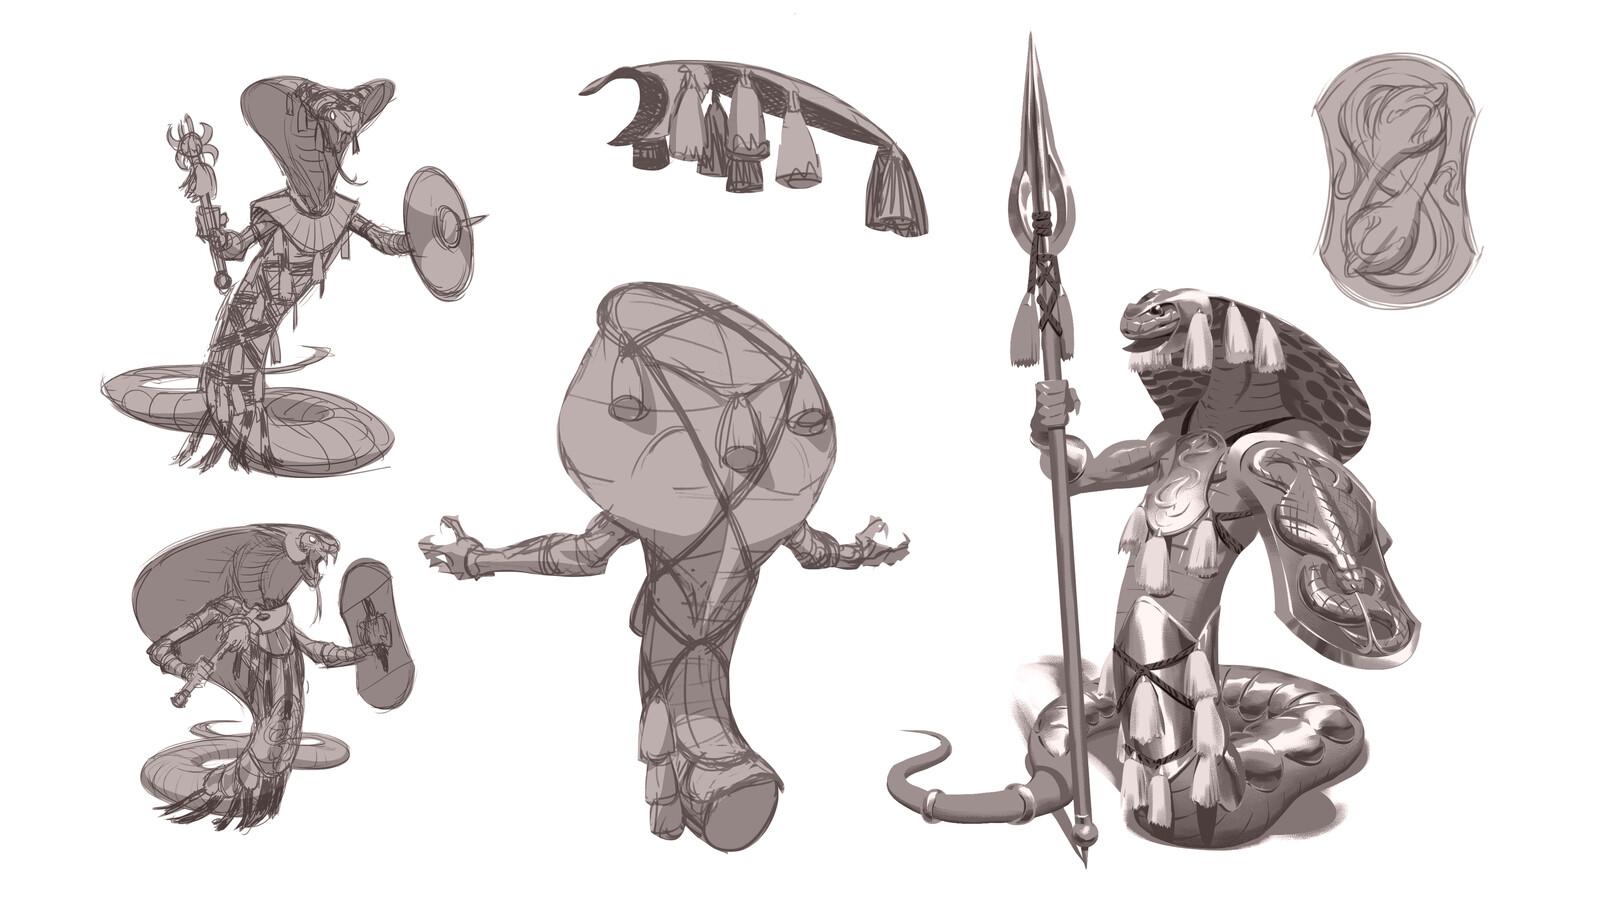 Lizardmen Concepts - Snakes